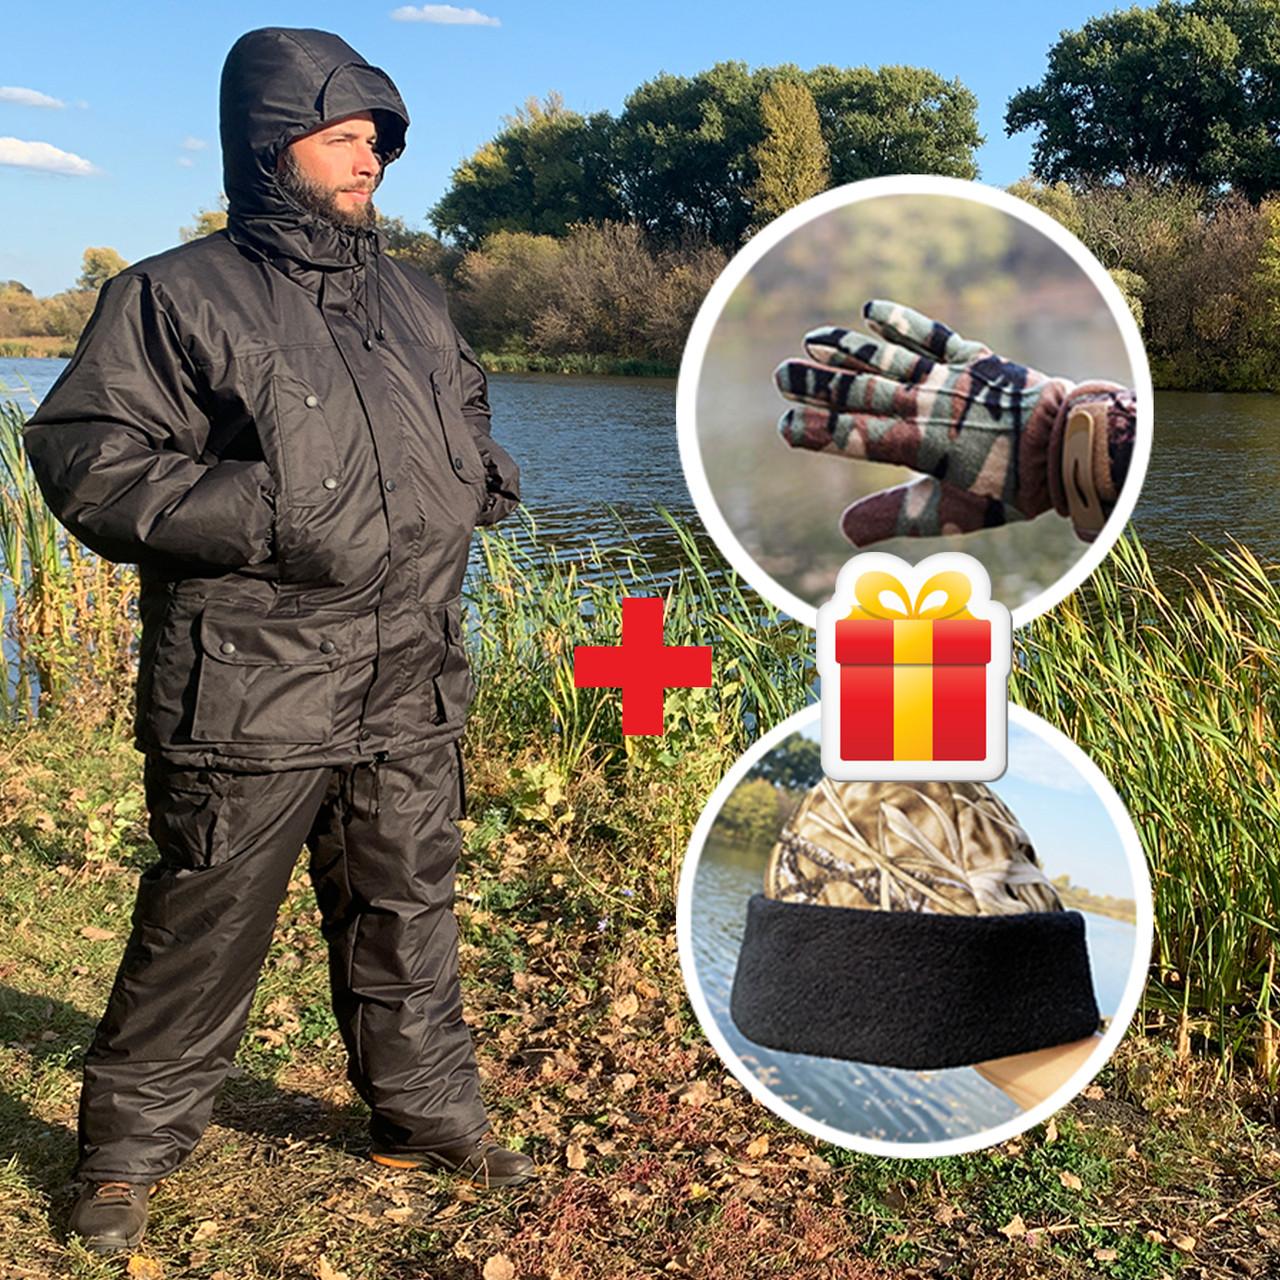 """Зимовий костюм до -40° """"Mavens Сибір"""" Чорний, для риболовлі, полювання, роботи в холоді, розмір 48-50 (031-0031)"""